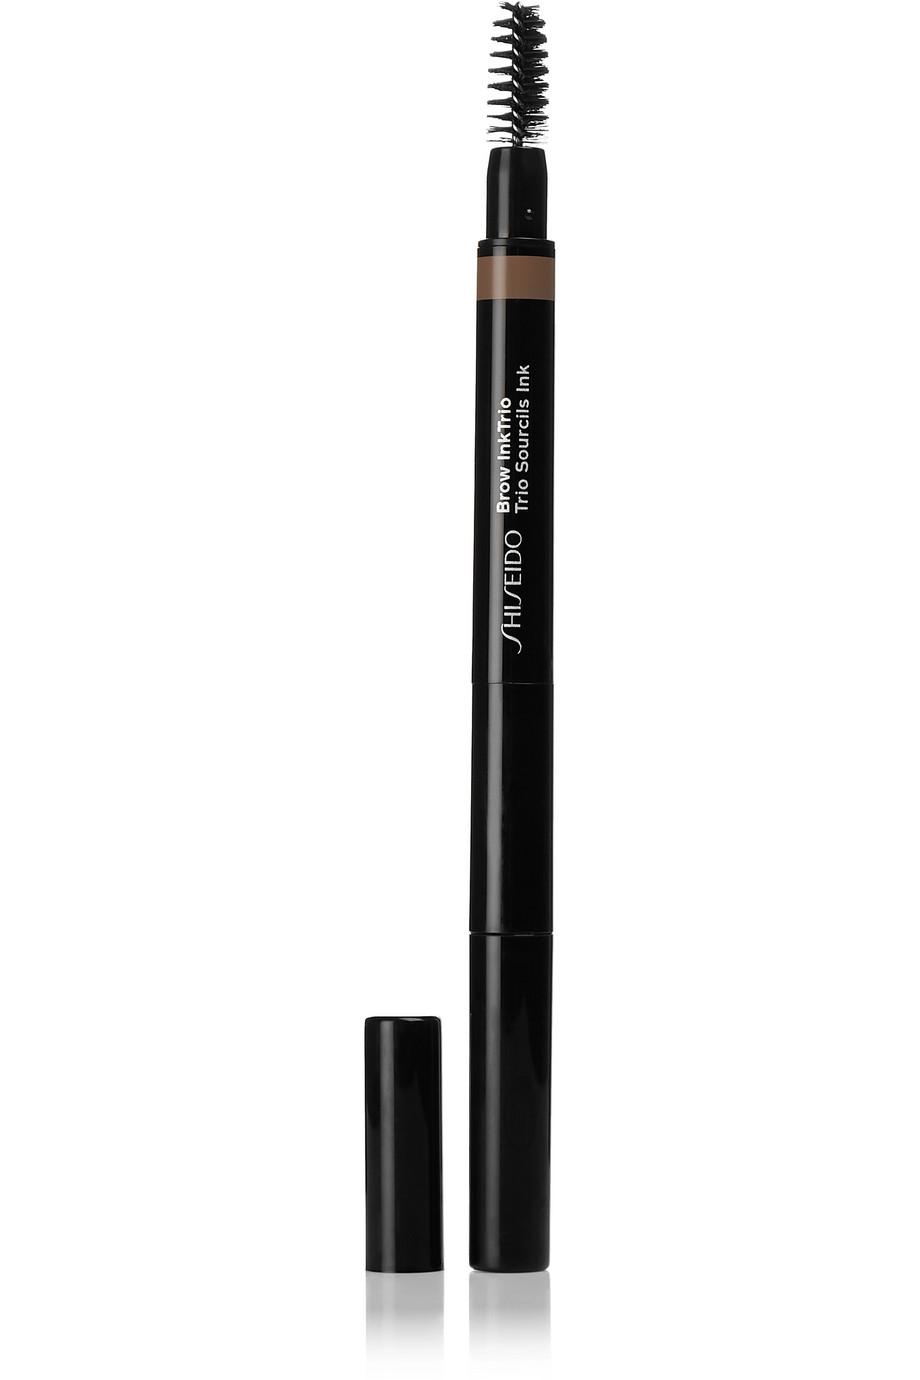 Shiseido Brow InkTrio – Taupe 02 – Augenbrauenstift